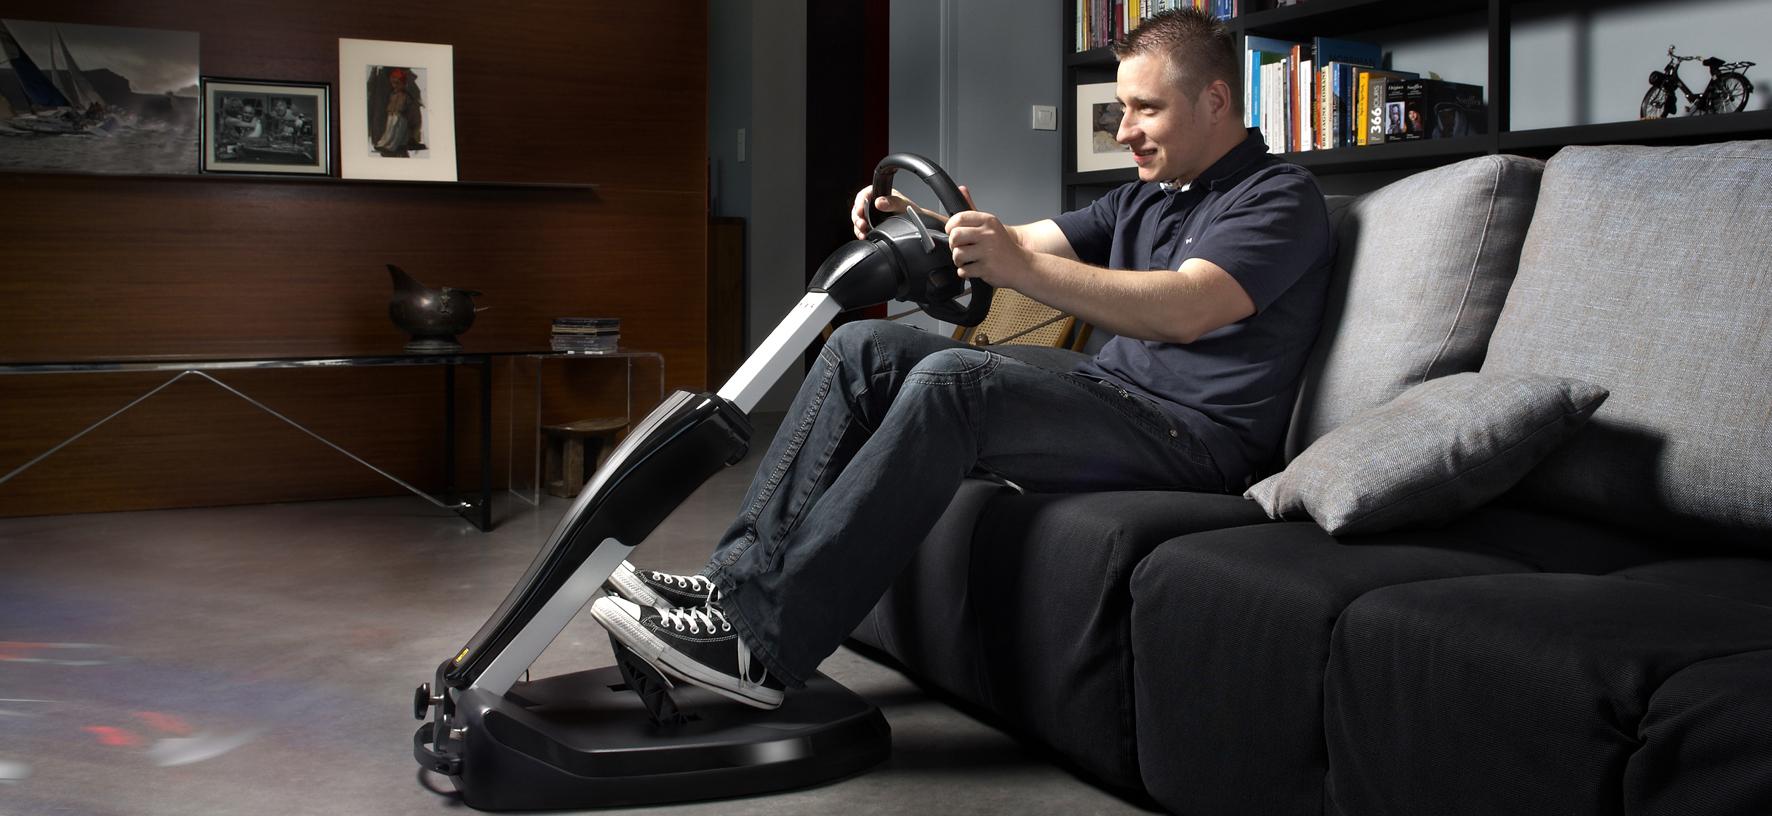 les nouveaut s de thrustmaster vibration gt cockpit 458 italia edition. Black Bedroom Furniture Sets. Home Design Ideas